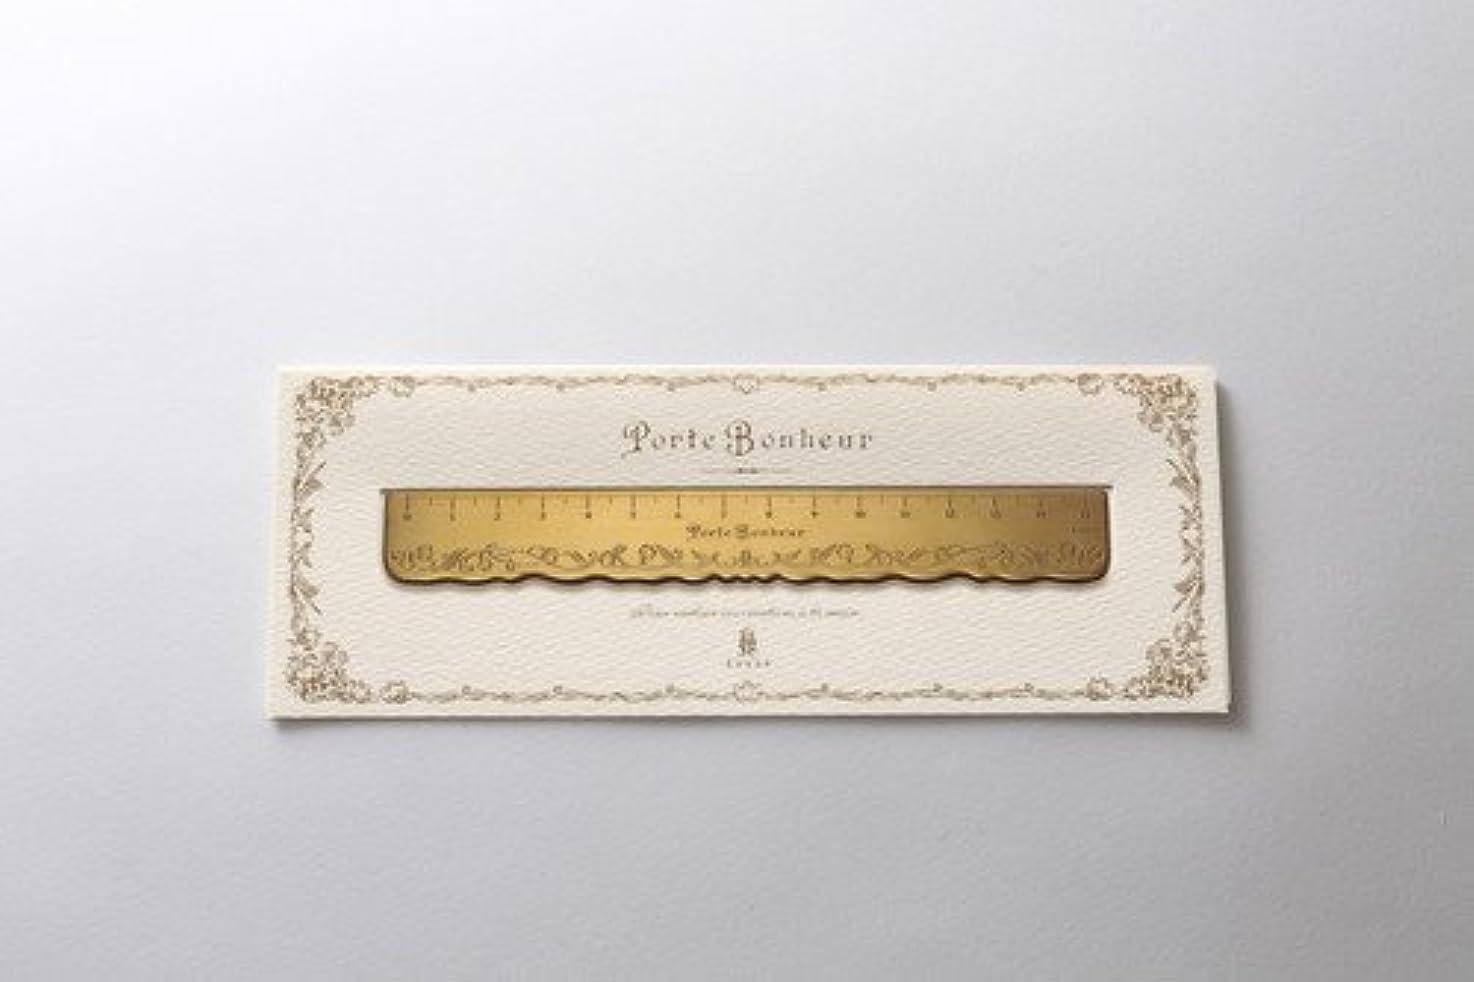 味方石鹸去るClover Porte Bonheur ポルトボヌール すずらん真鍮定規 15cm 79-597